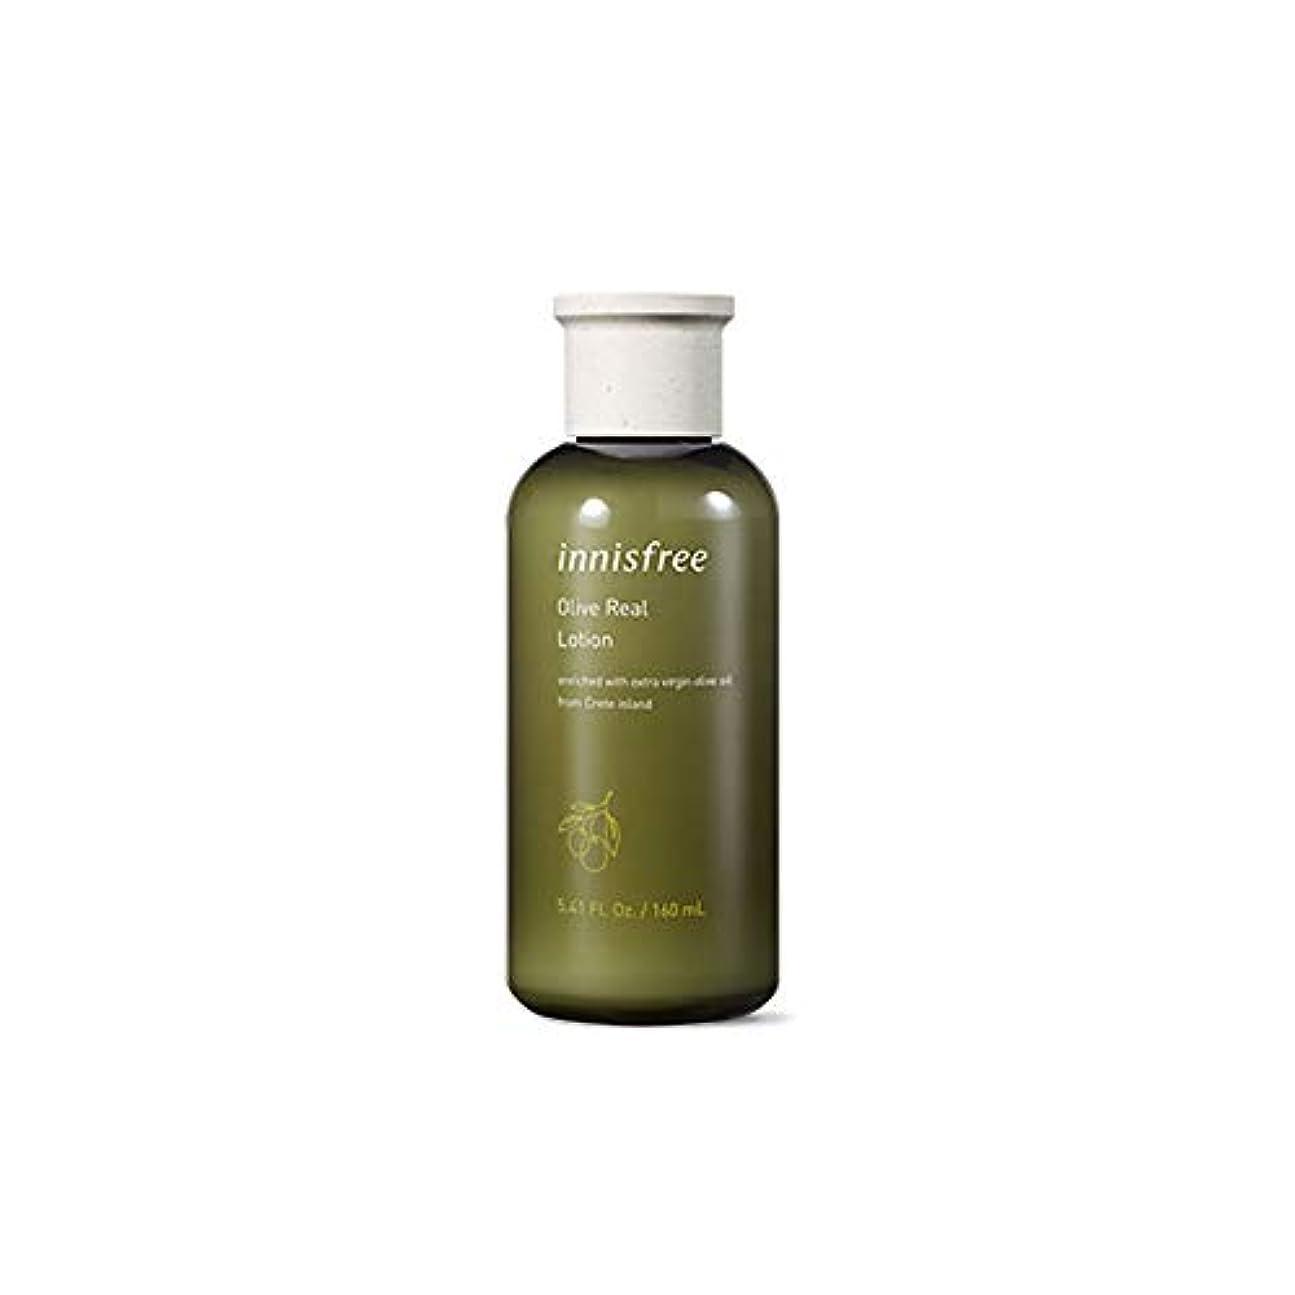 エンドテーブル師匠やりすぎNEW[イニスフリー] Innisfree オリーブリアルローション乳液EX(160ml) Innisfree Olive Real Lotion(160ml)EX [海外直送品]